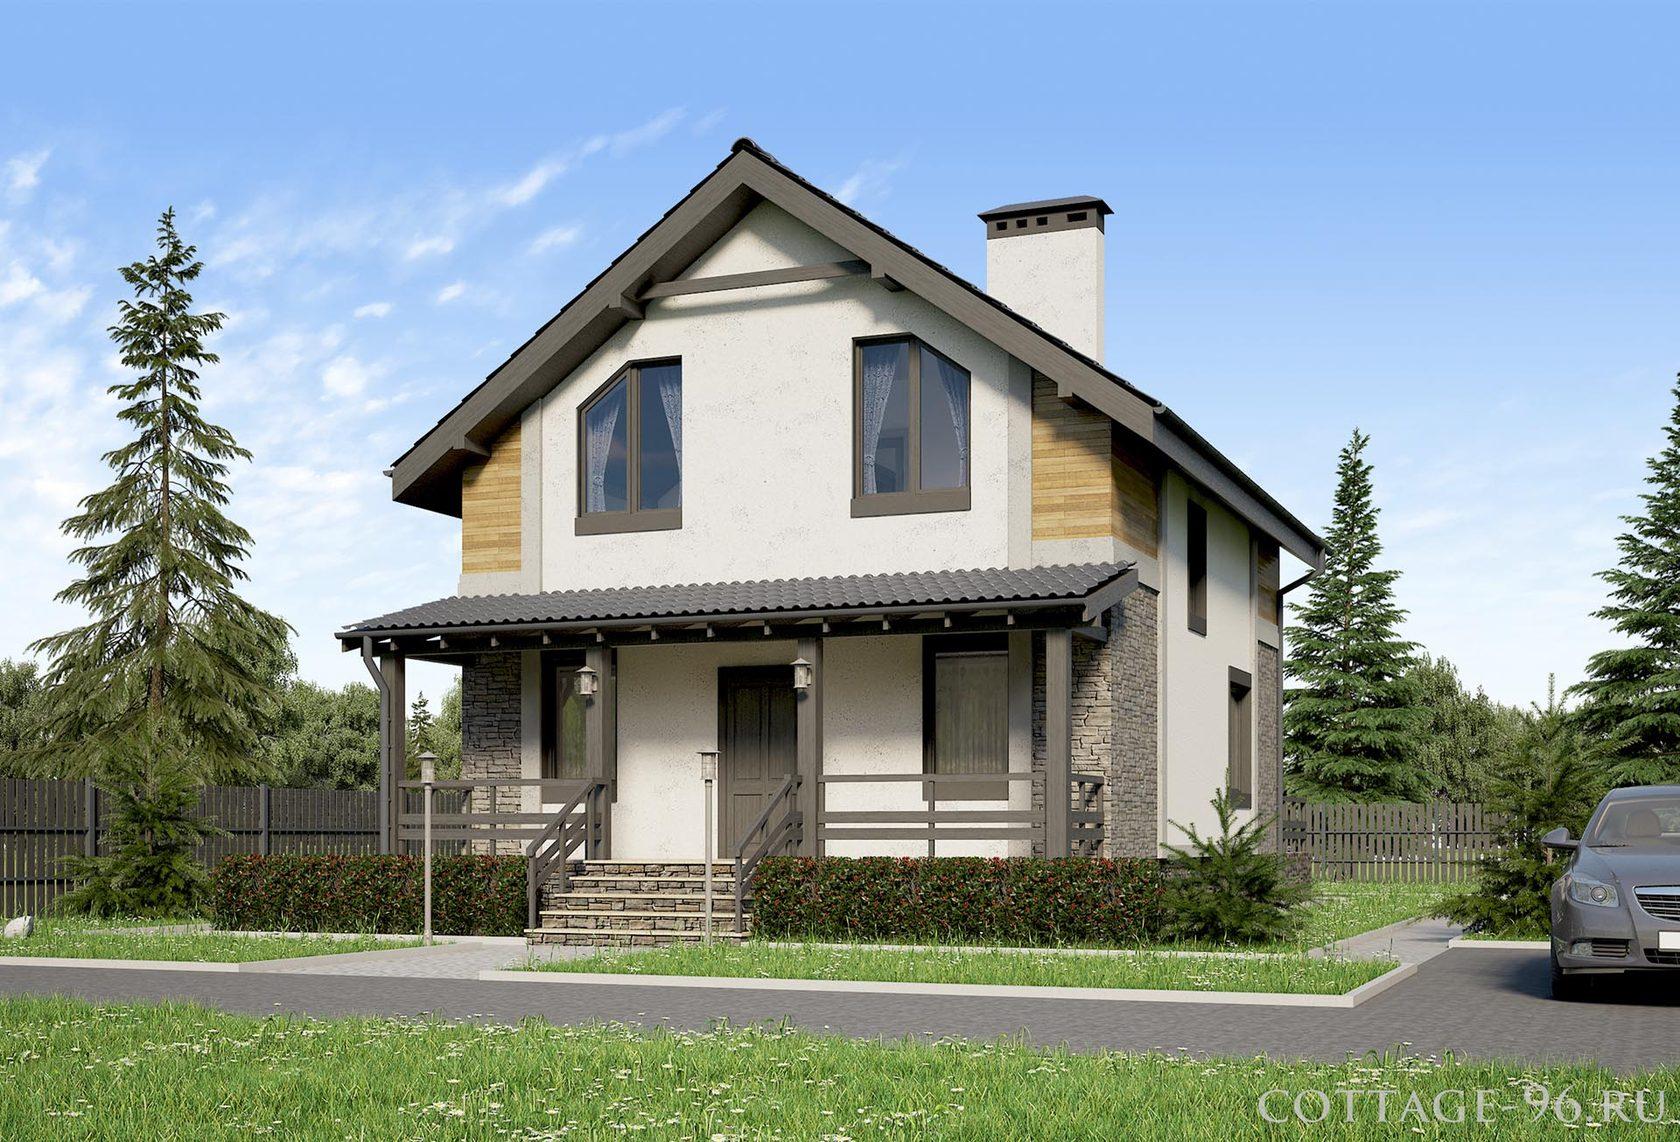 дом из пеноблока 2 этажа